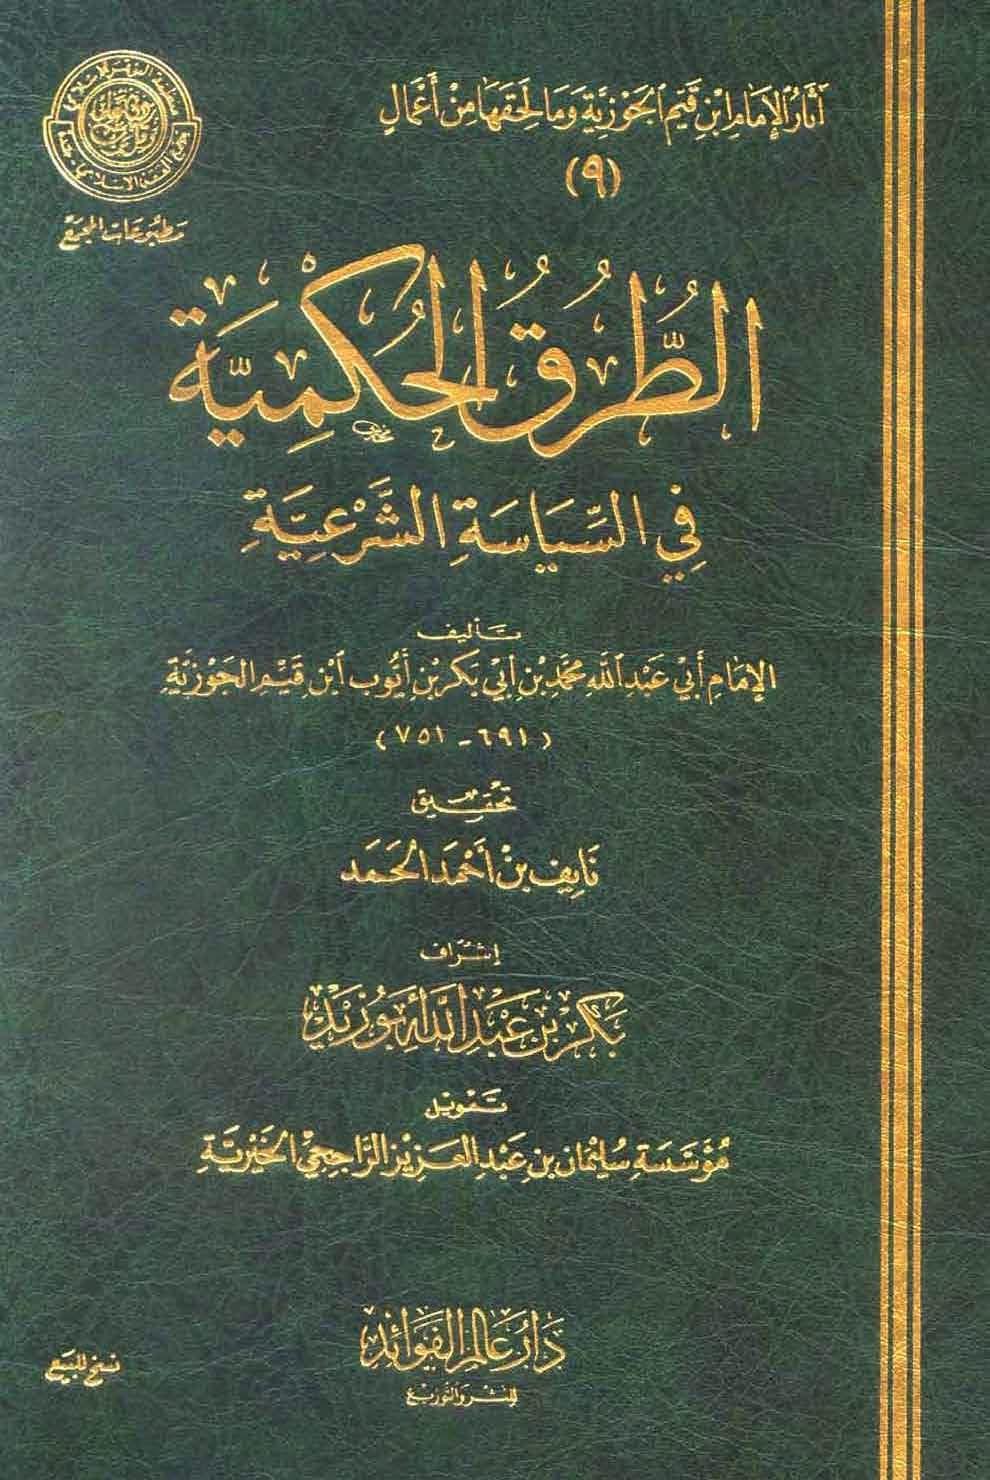 الطرق الحكمية في السياسة الشرعية - ابن قيم الجوزية pdf